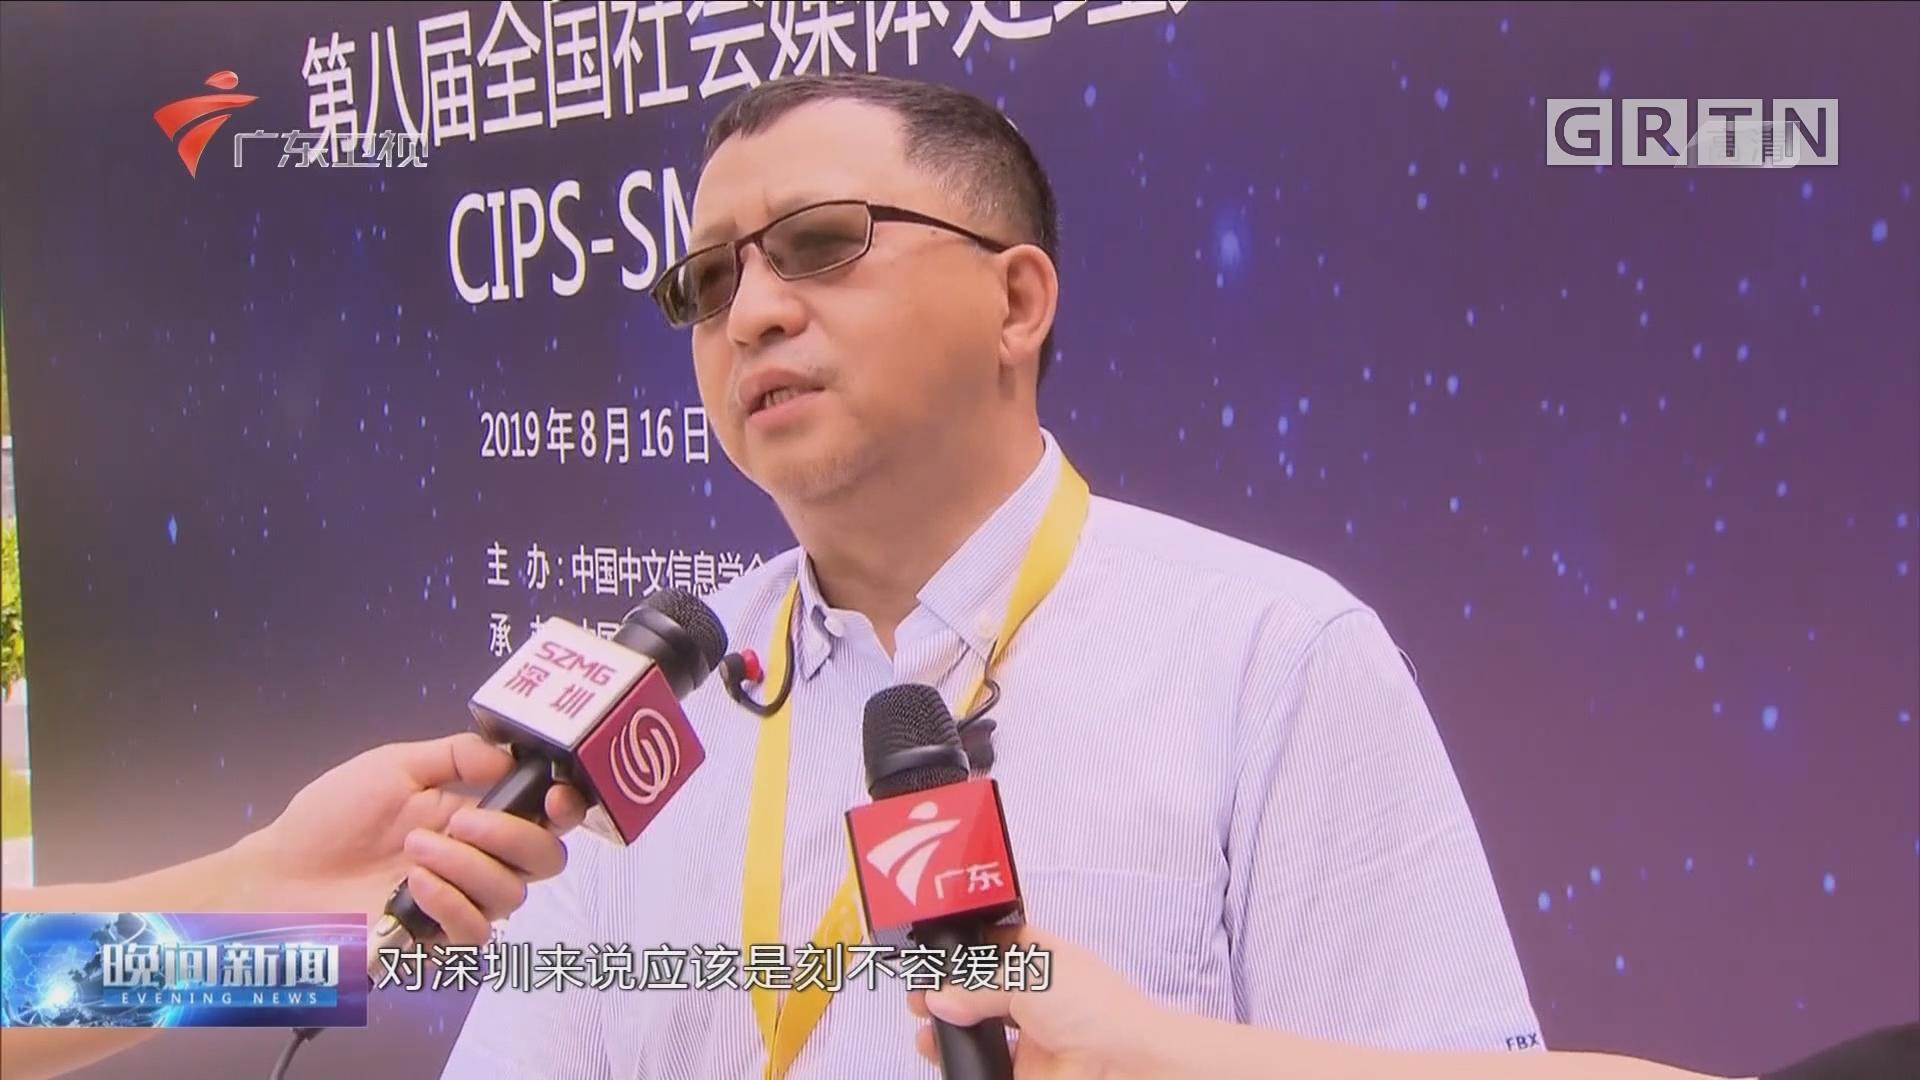 深圳科技界:着重发力基础研究 推进建设创新载体